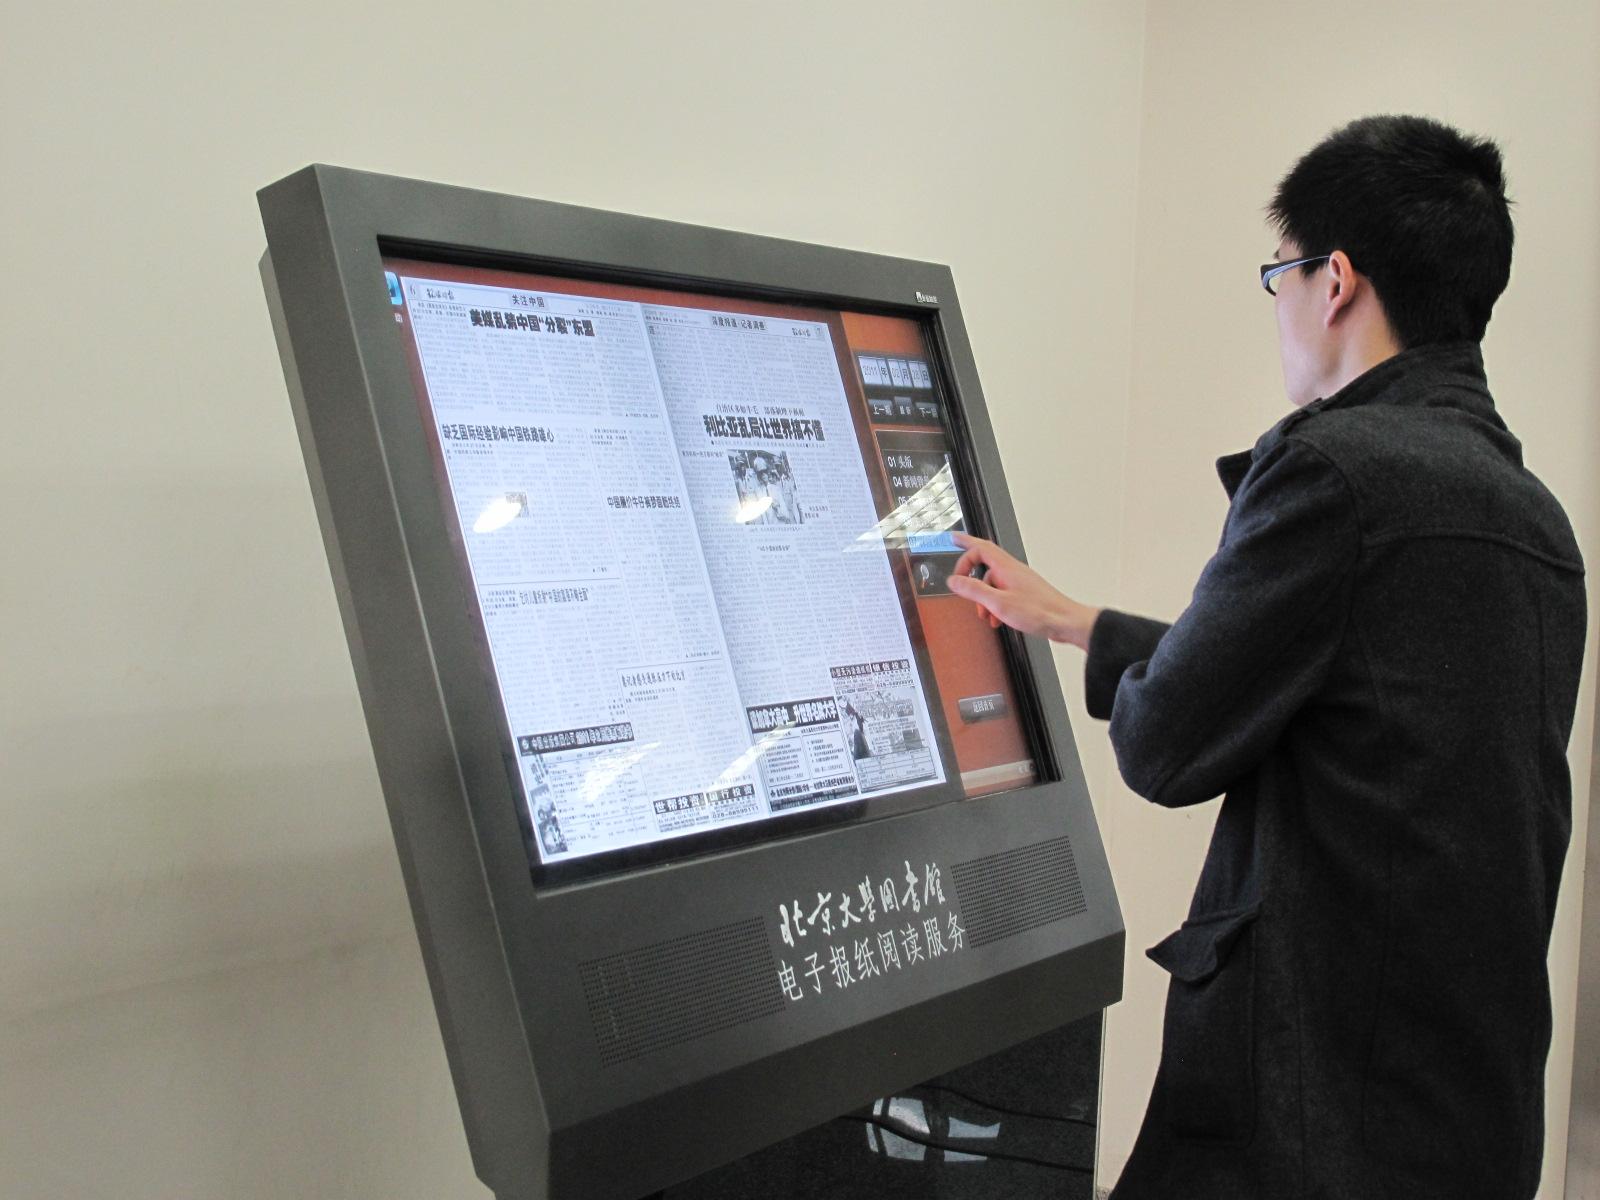 数字报纸阅读服务 | 北京大学图书馆